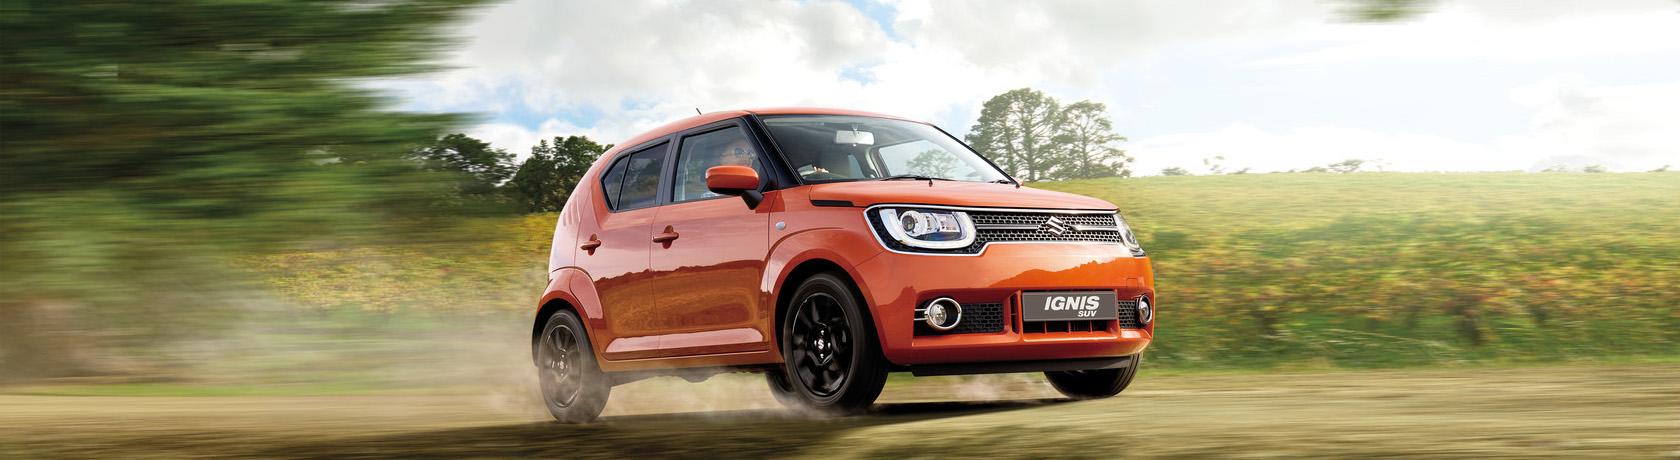 New Ignis for sale in Brisbane - Q Suzuki